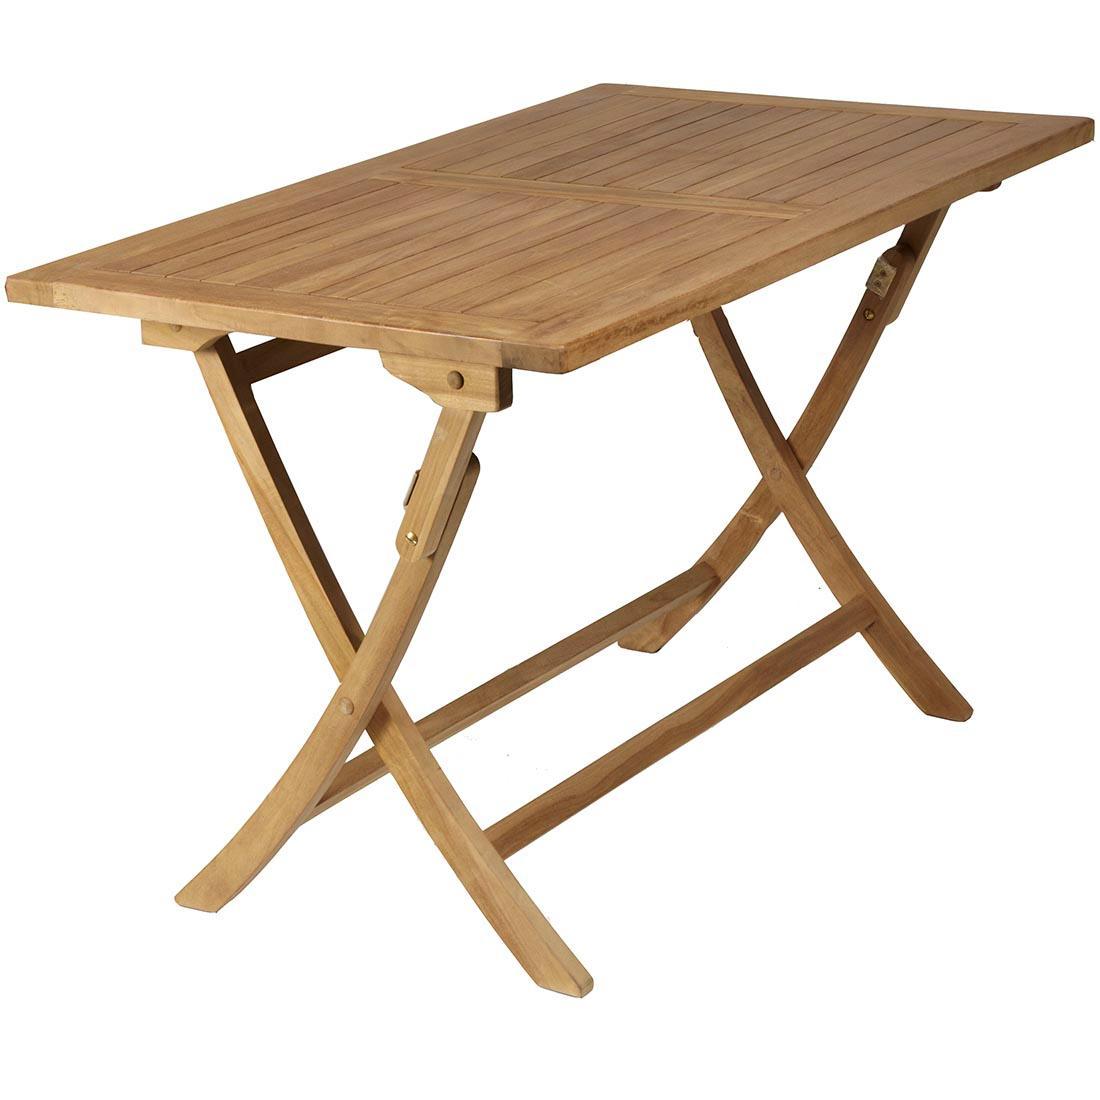 Conjunto en madera de teca oferta los mas baratos calidad - Mesa de teca ...